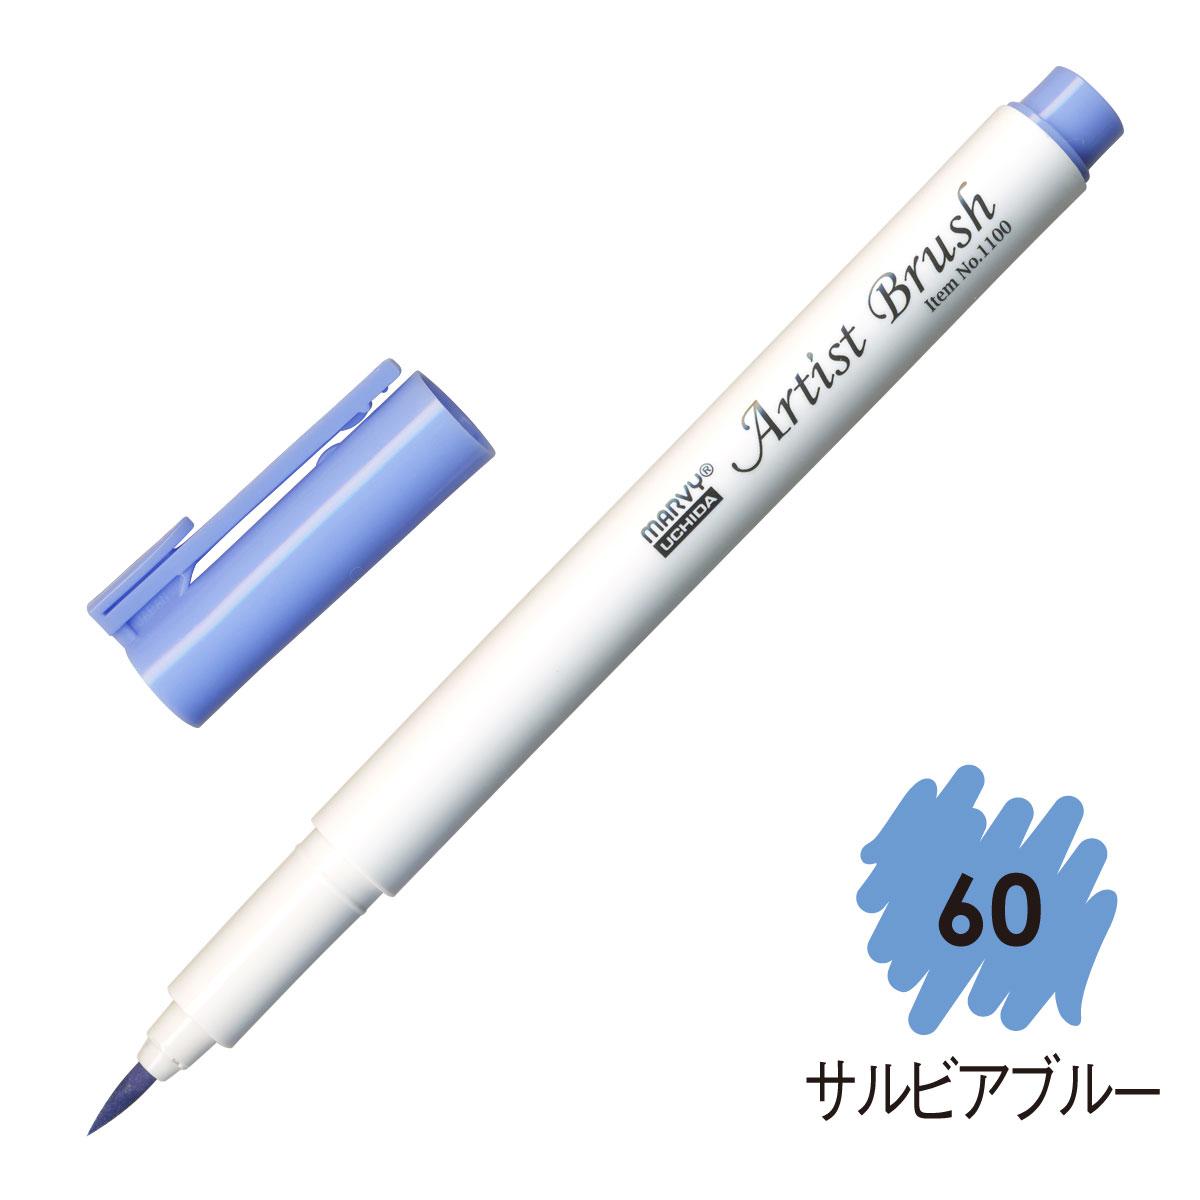 マービー 水性染料 細筆マーカー アーティストブラシ 単品 サルビアブルー(60) 1100-60画像